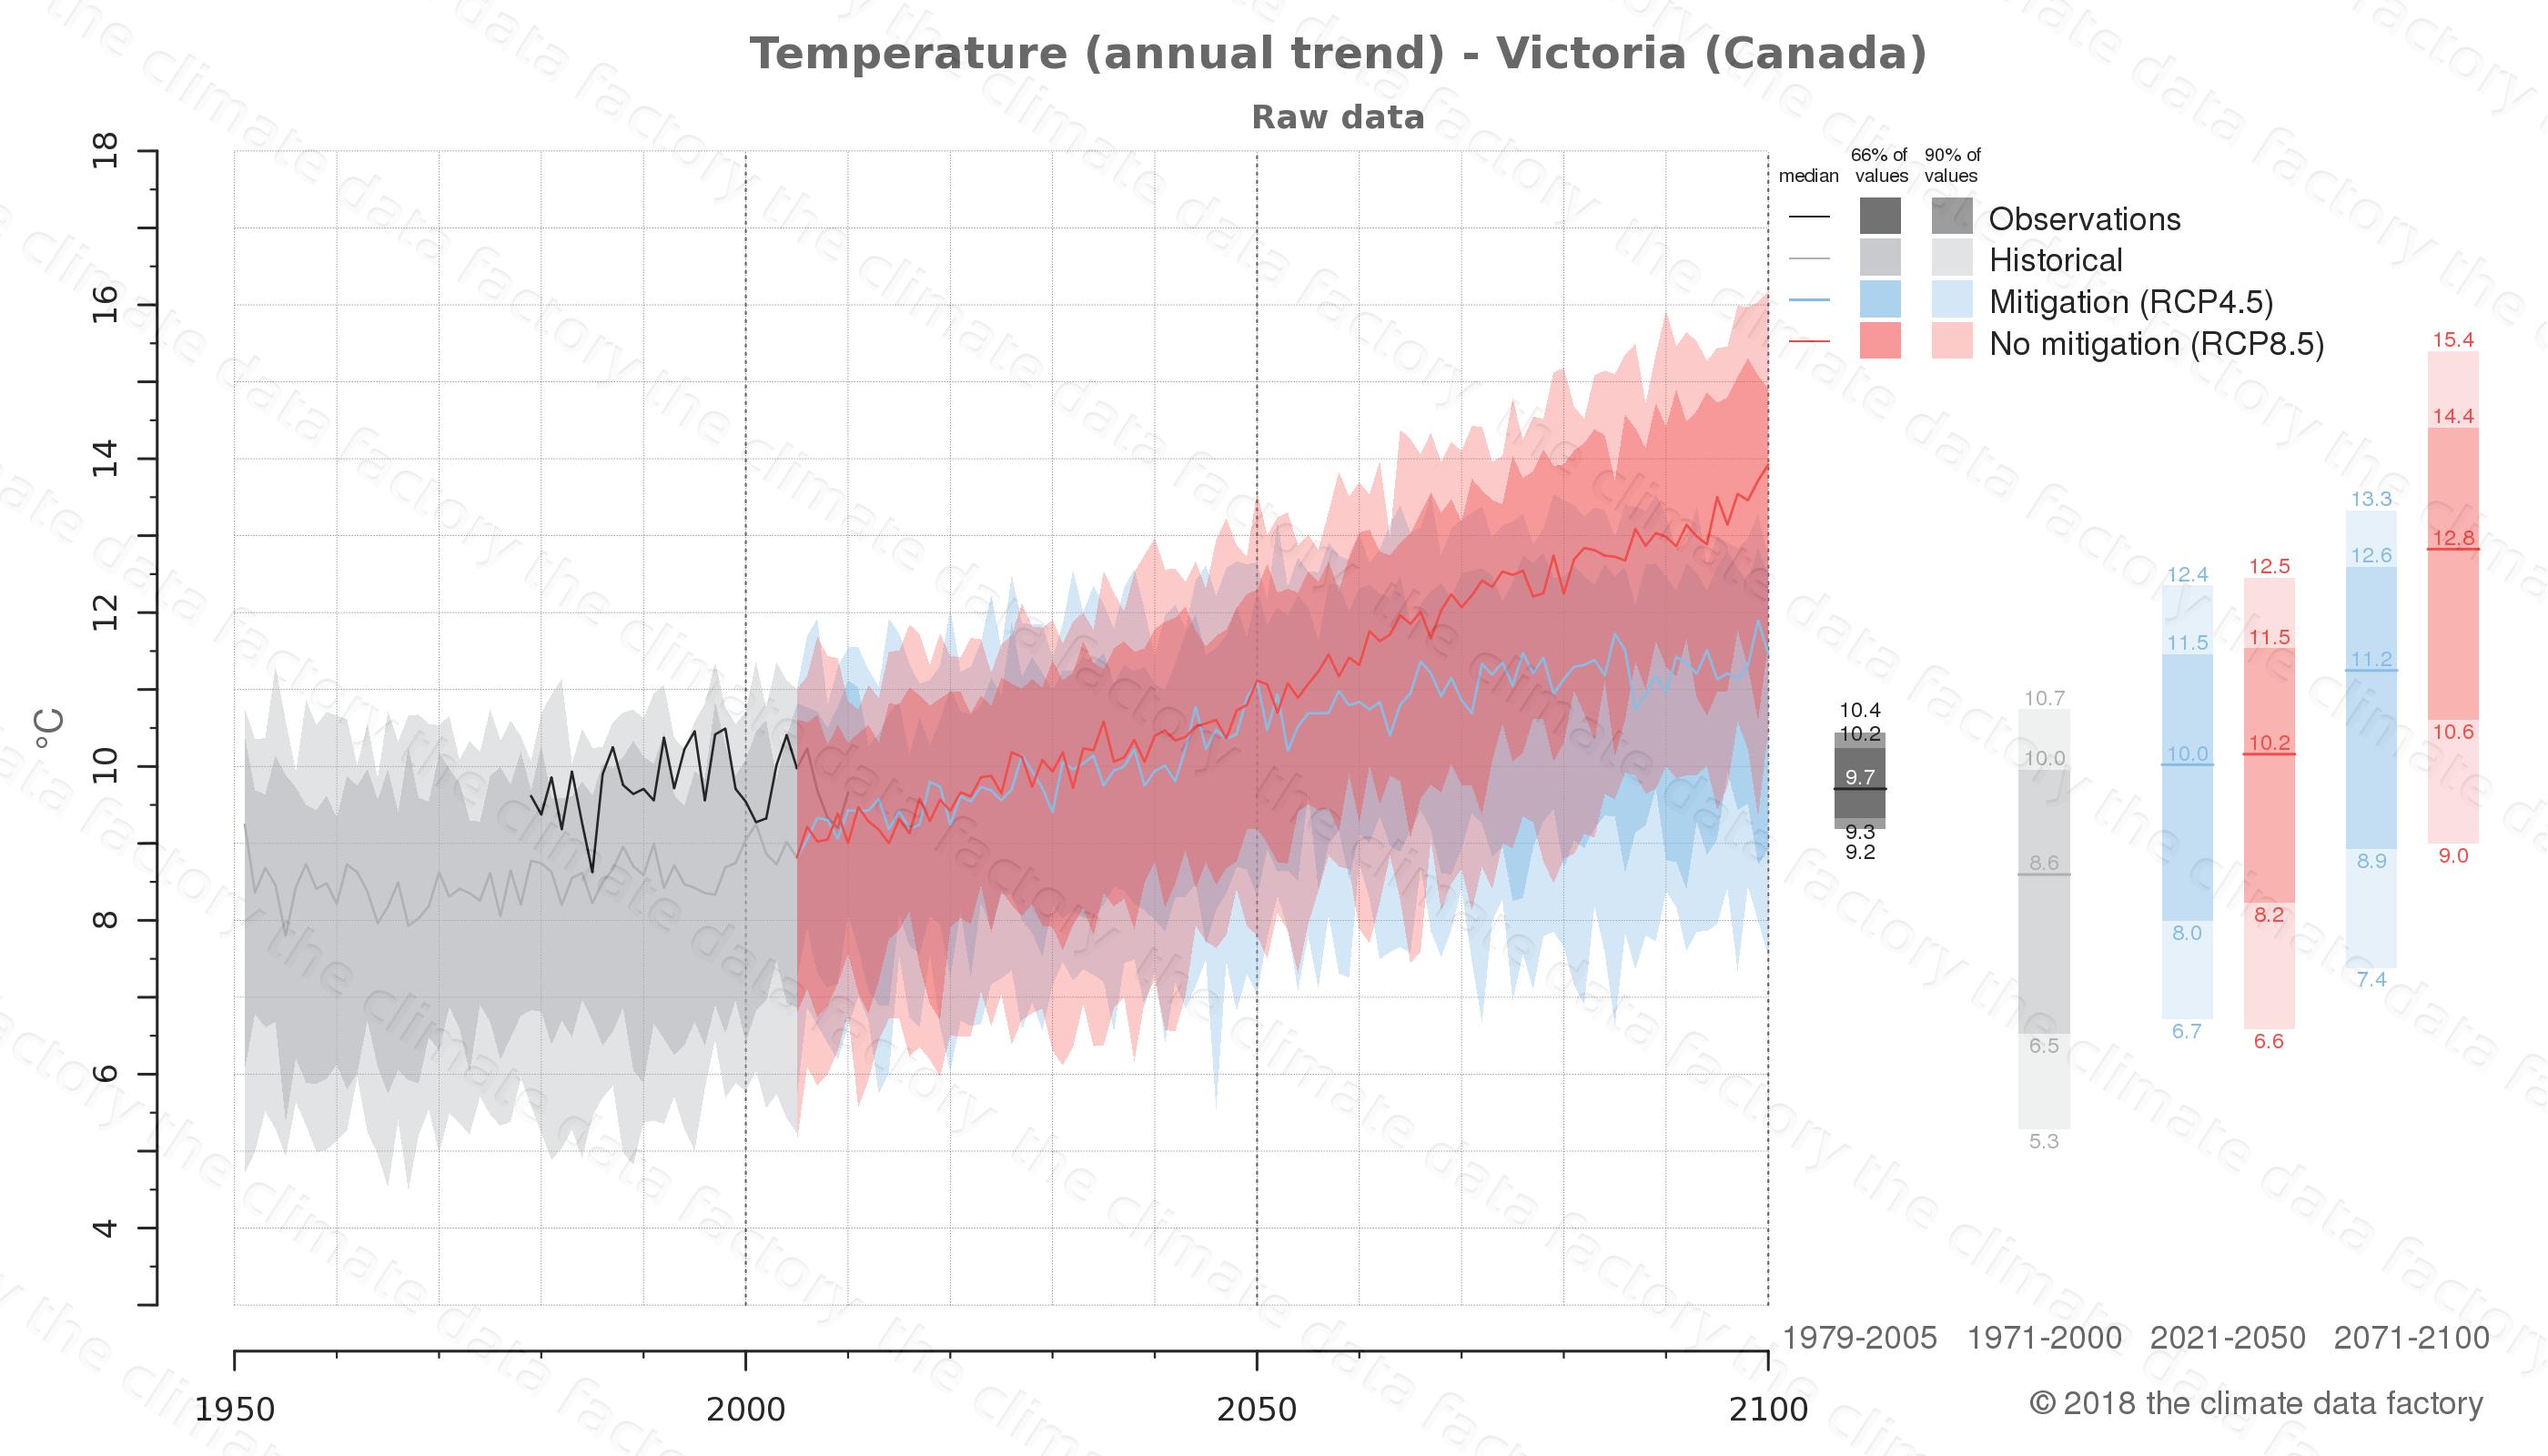 climate change data policy adaptation climate graph city data temperature victoria canada